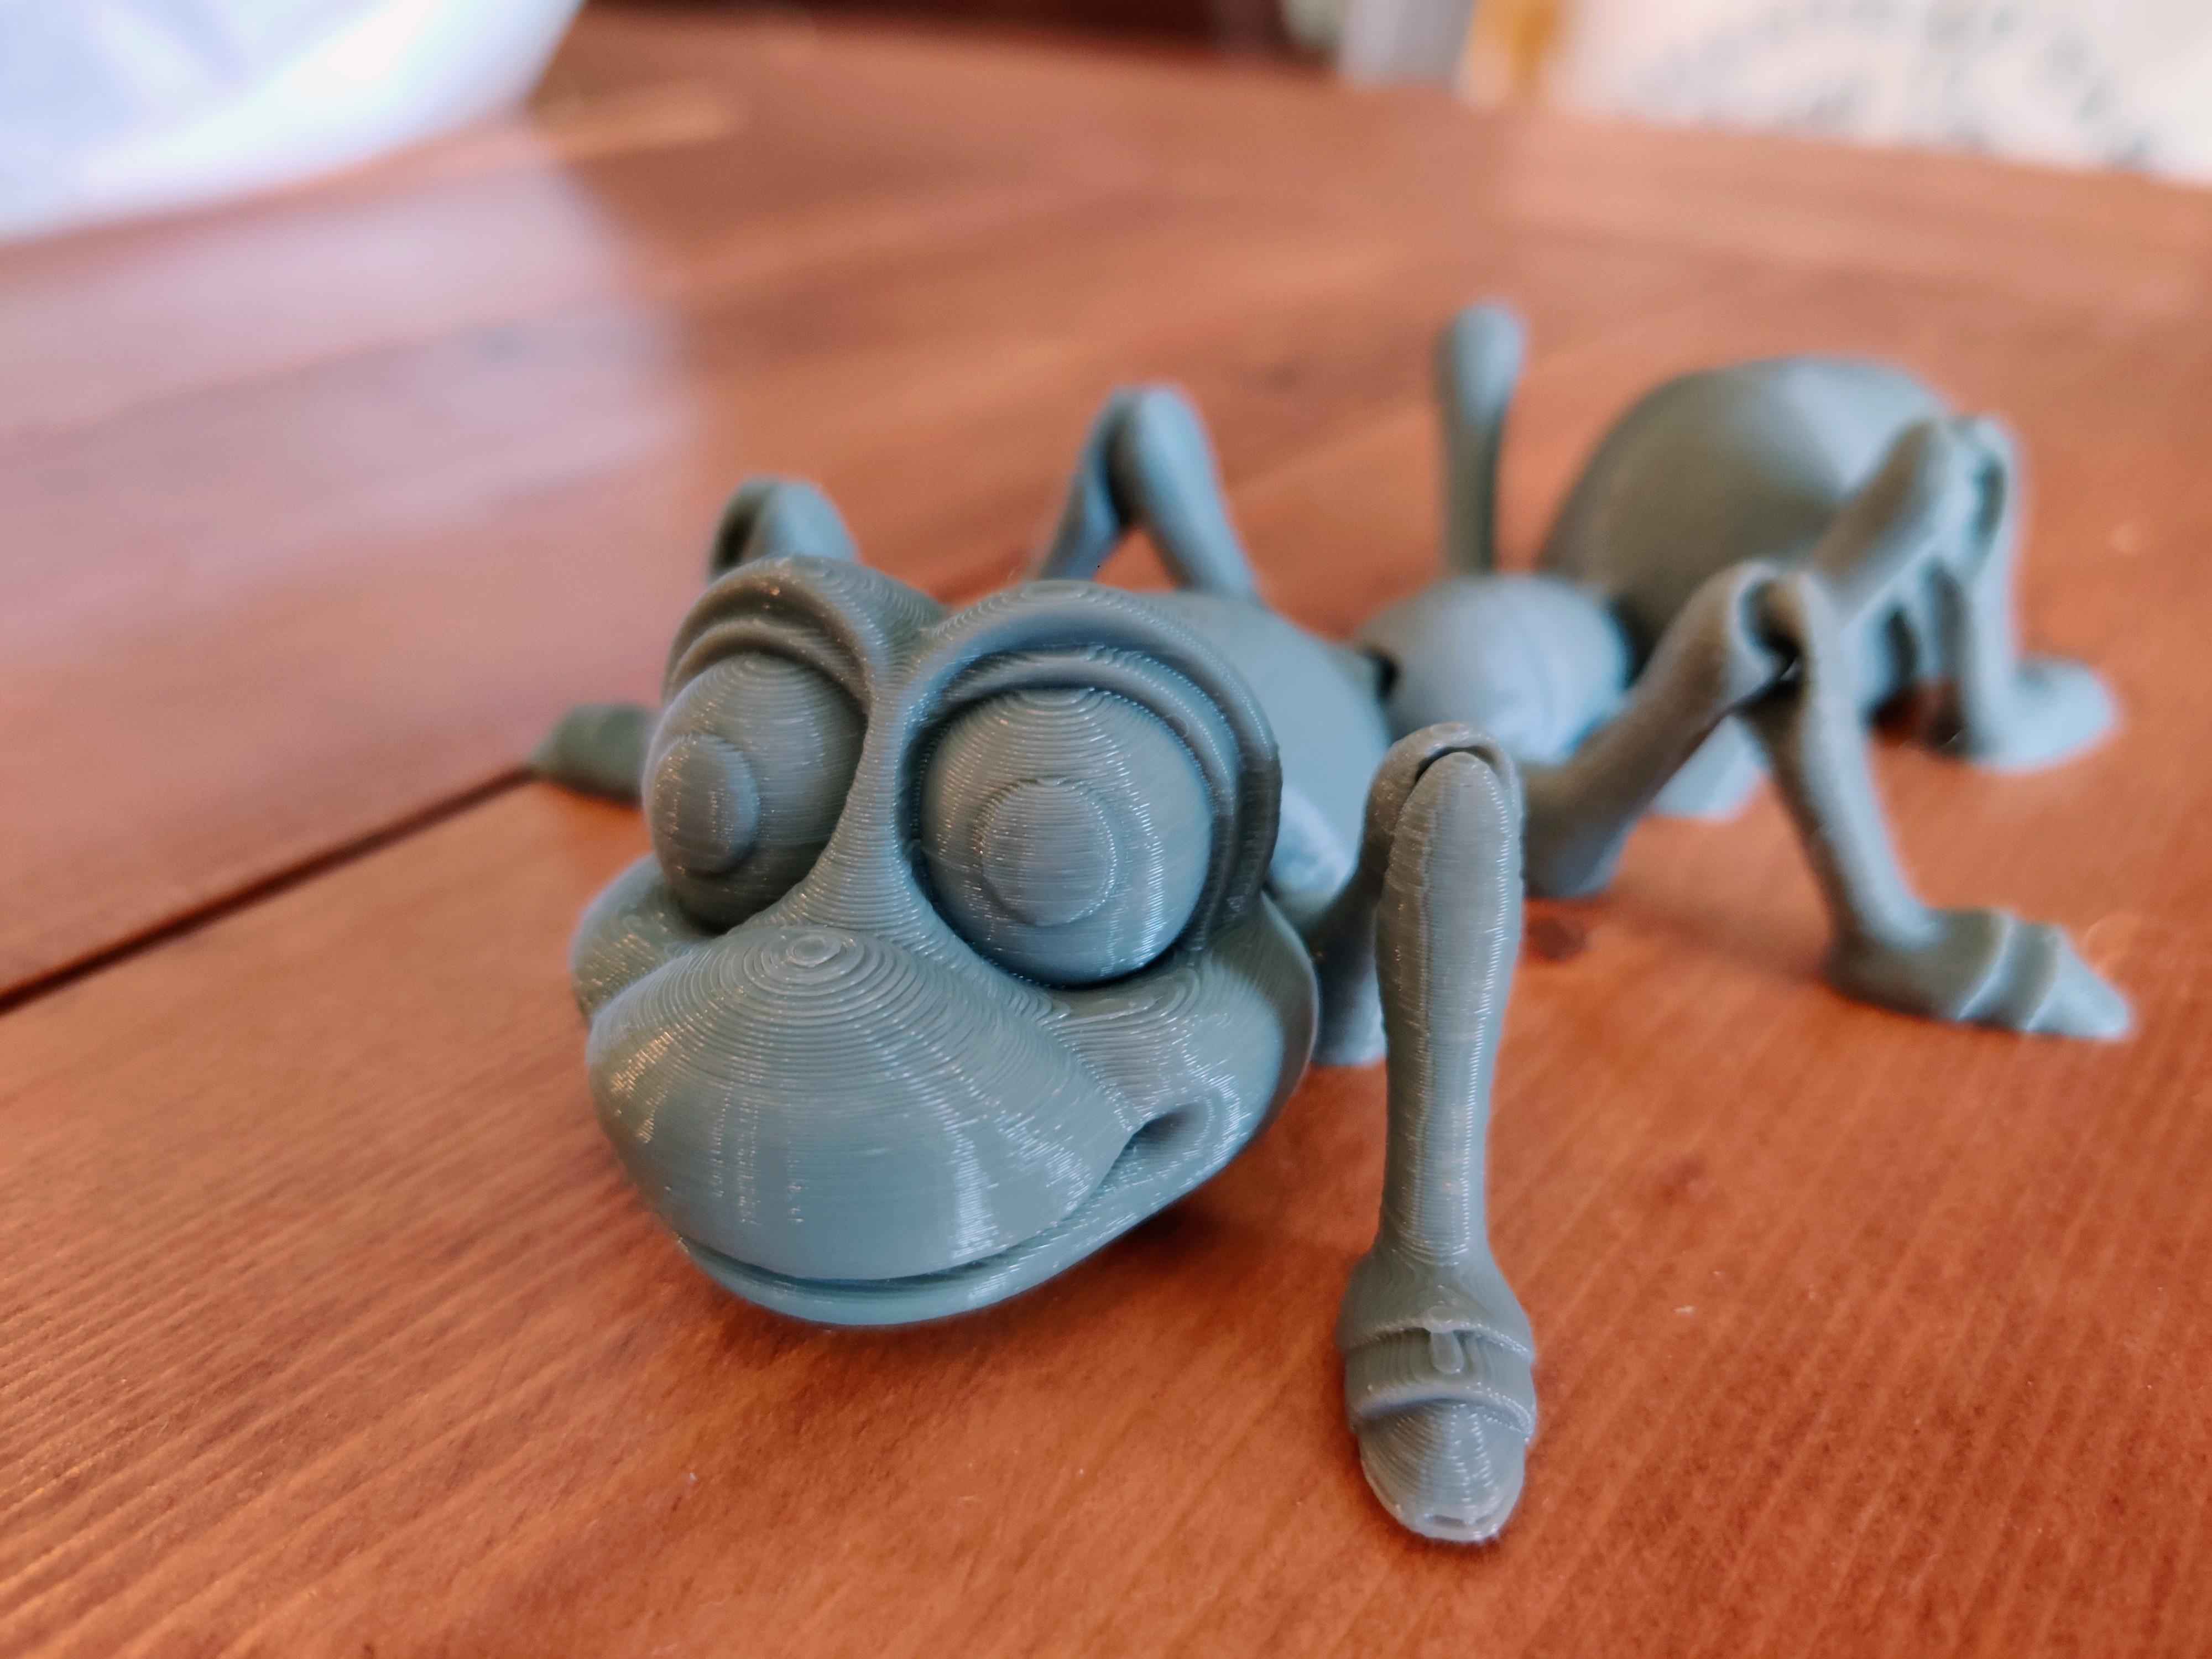 Télécharger fichier STL Mignonne fourmi Flexi imprimée sur place • Modèle à imprimer en 3D, 98sonomaman